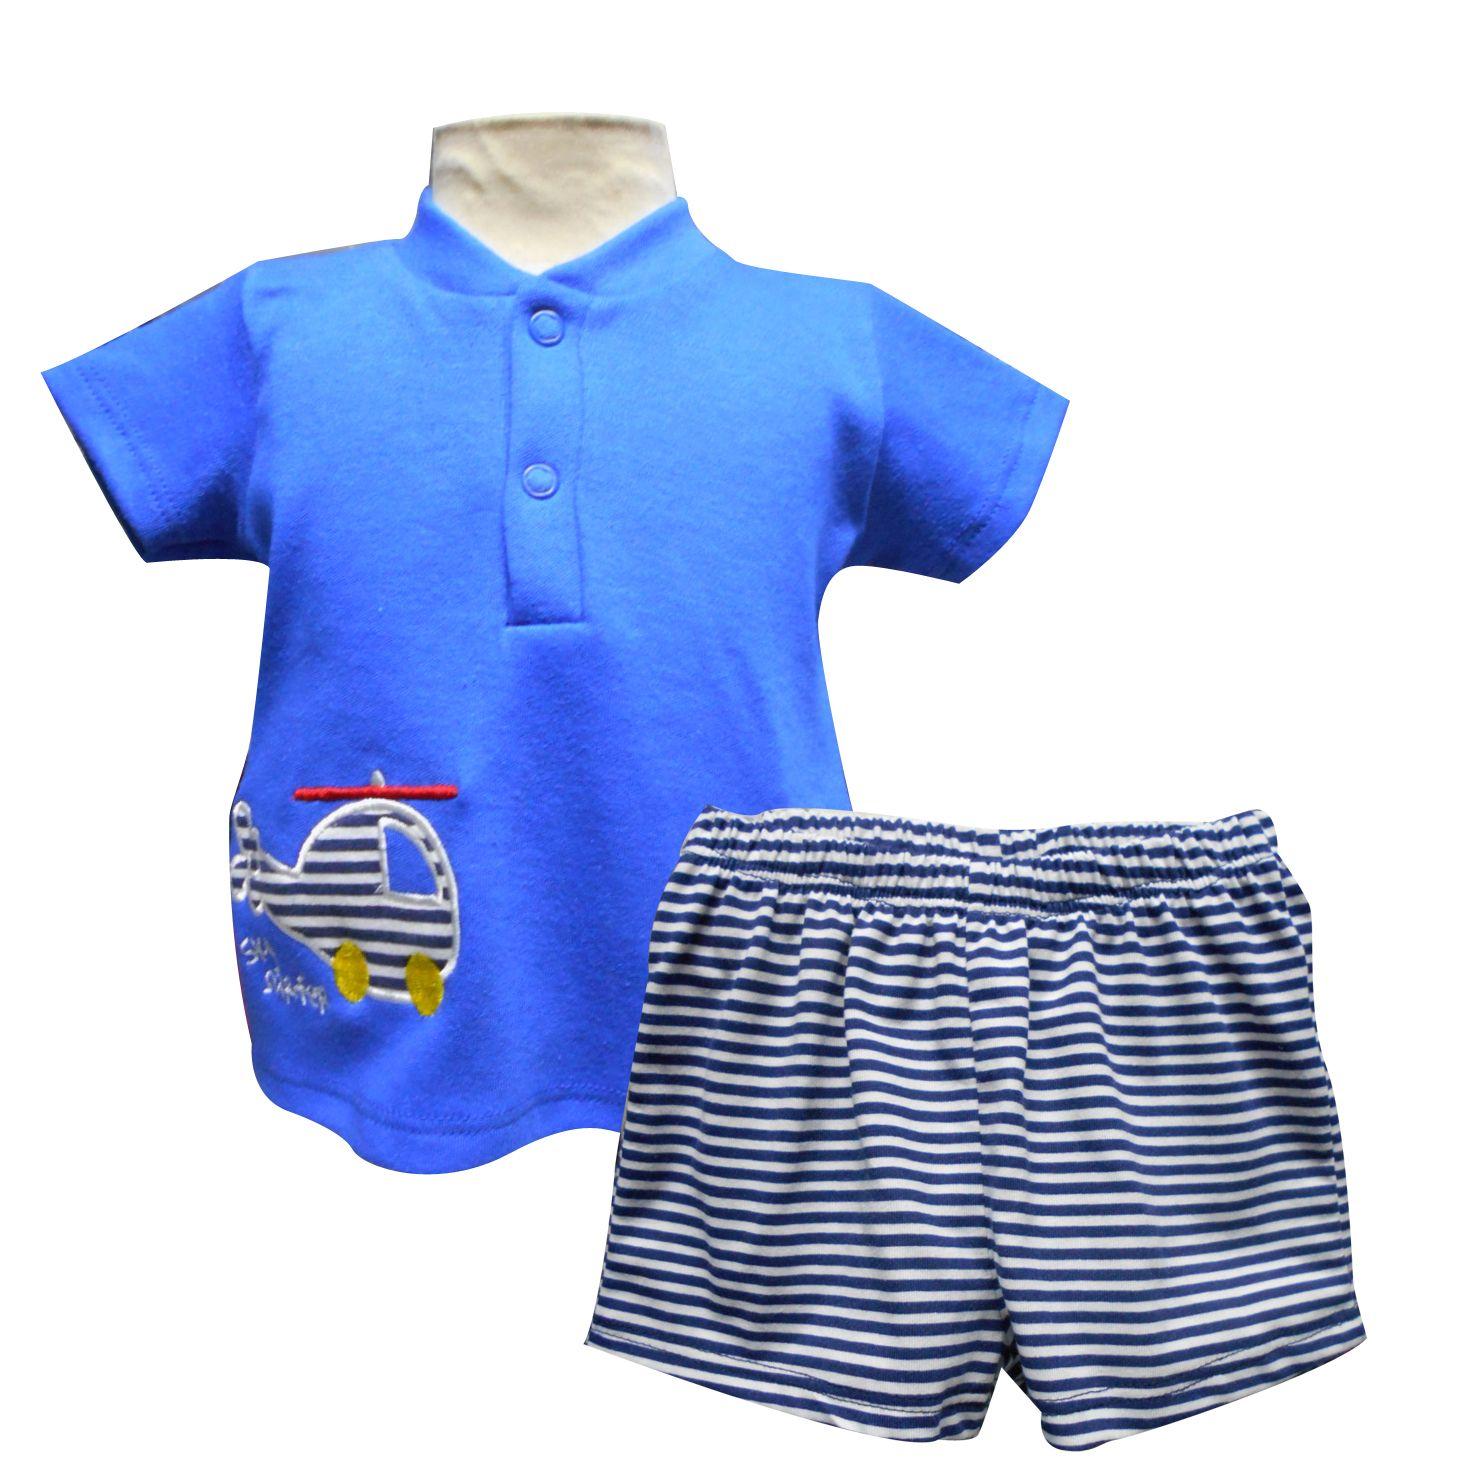 Playera cuello tipo mao con bordado y short Tallas 3, 6, 12 y 18 meses.